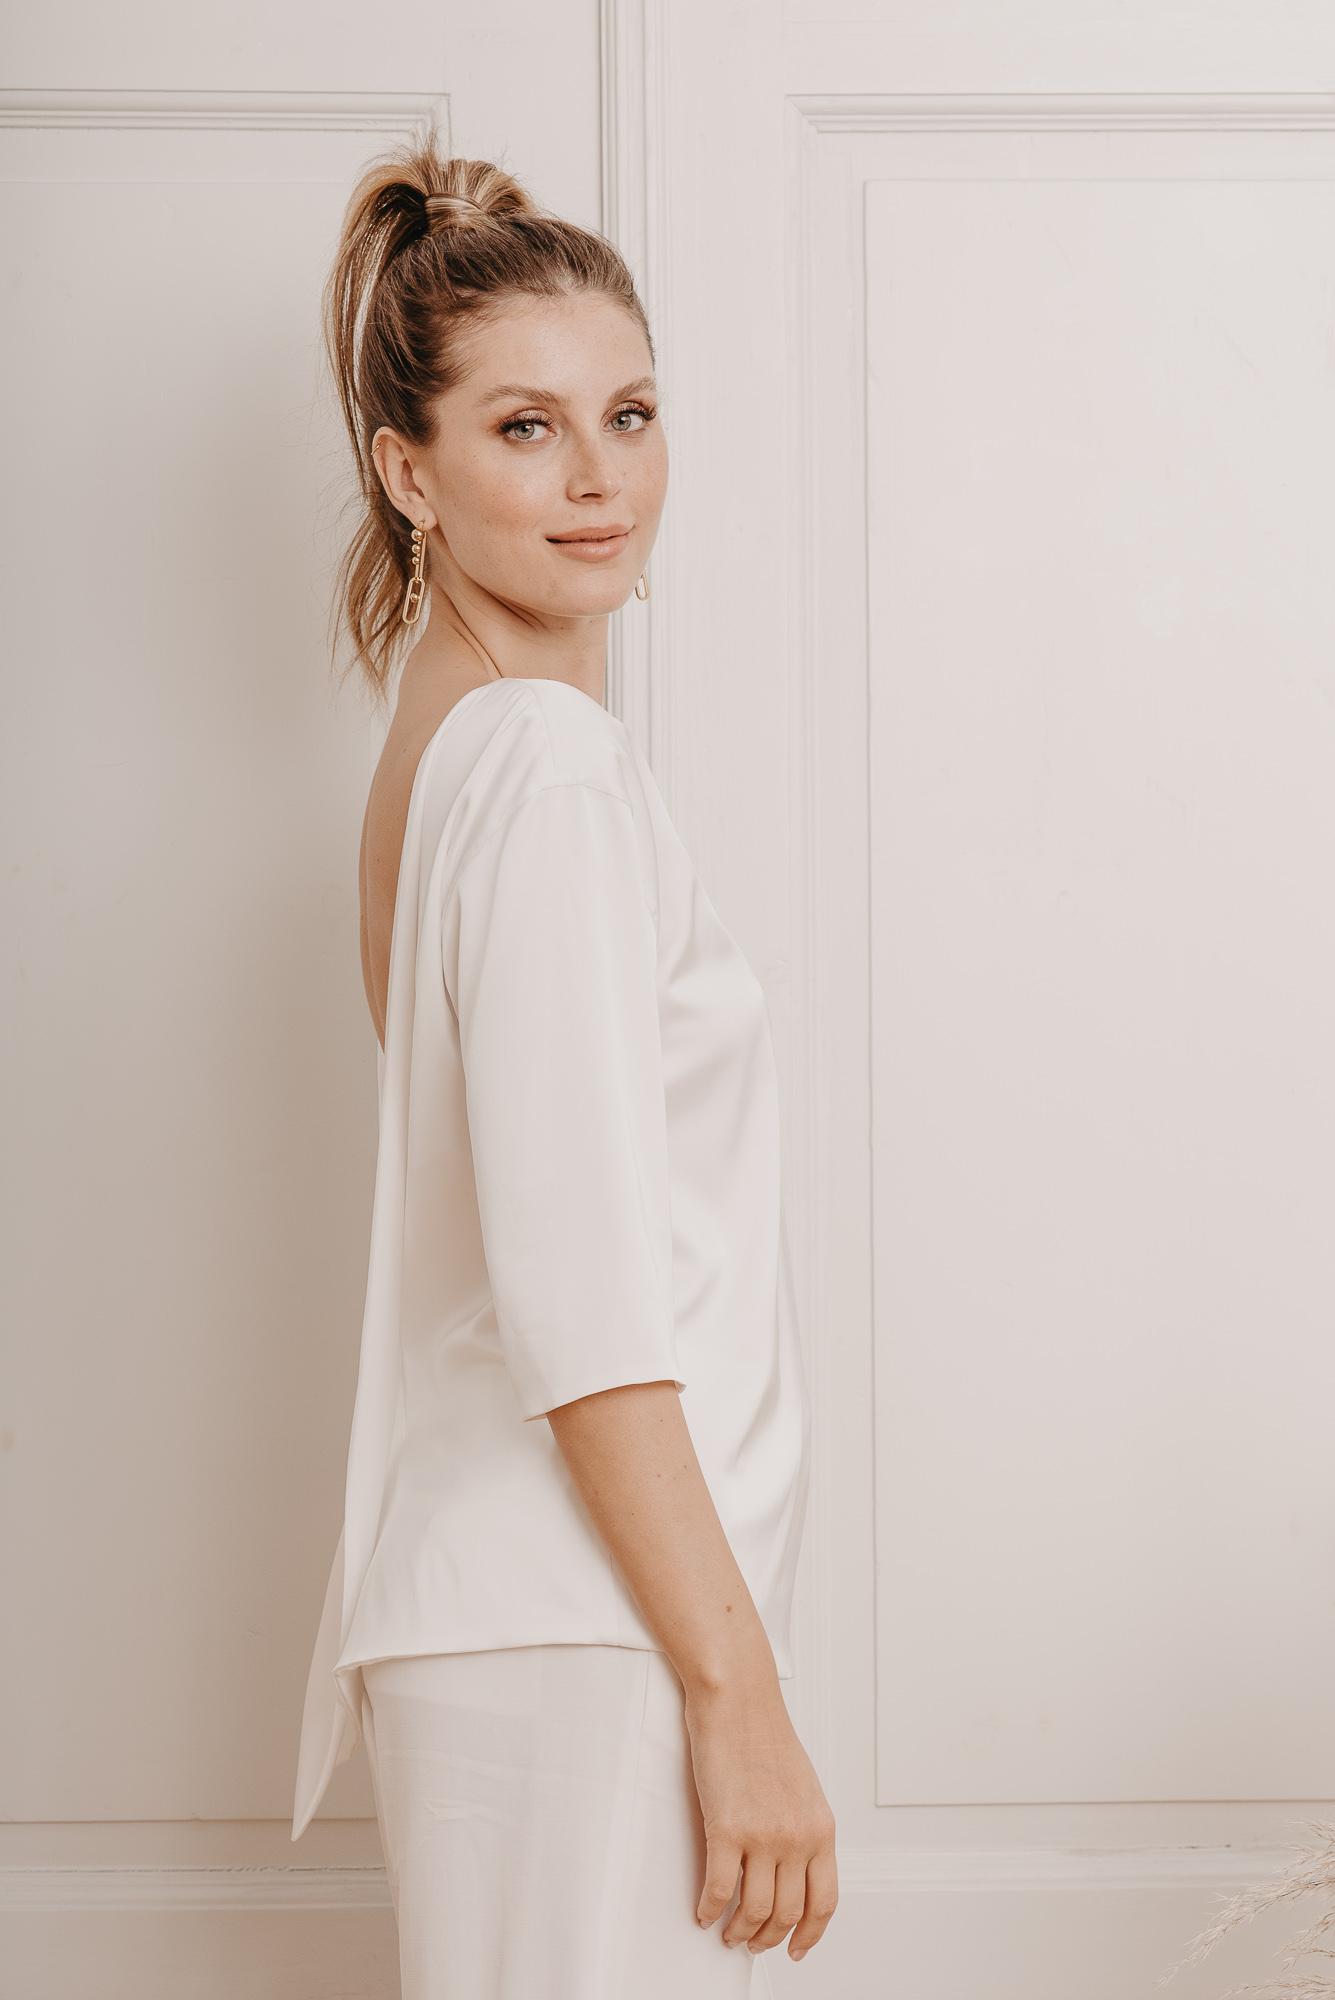 Olive Brautshirt Seite - Mix & Match Brautmode von Oonce